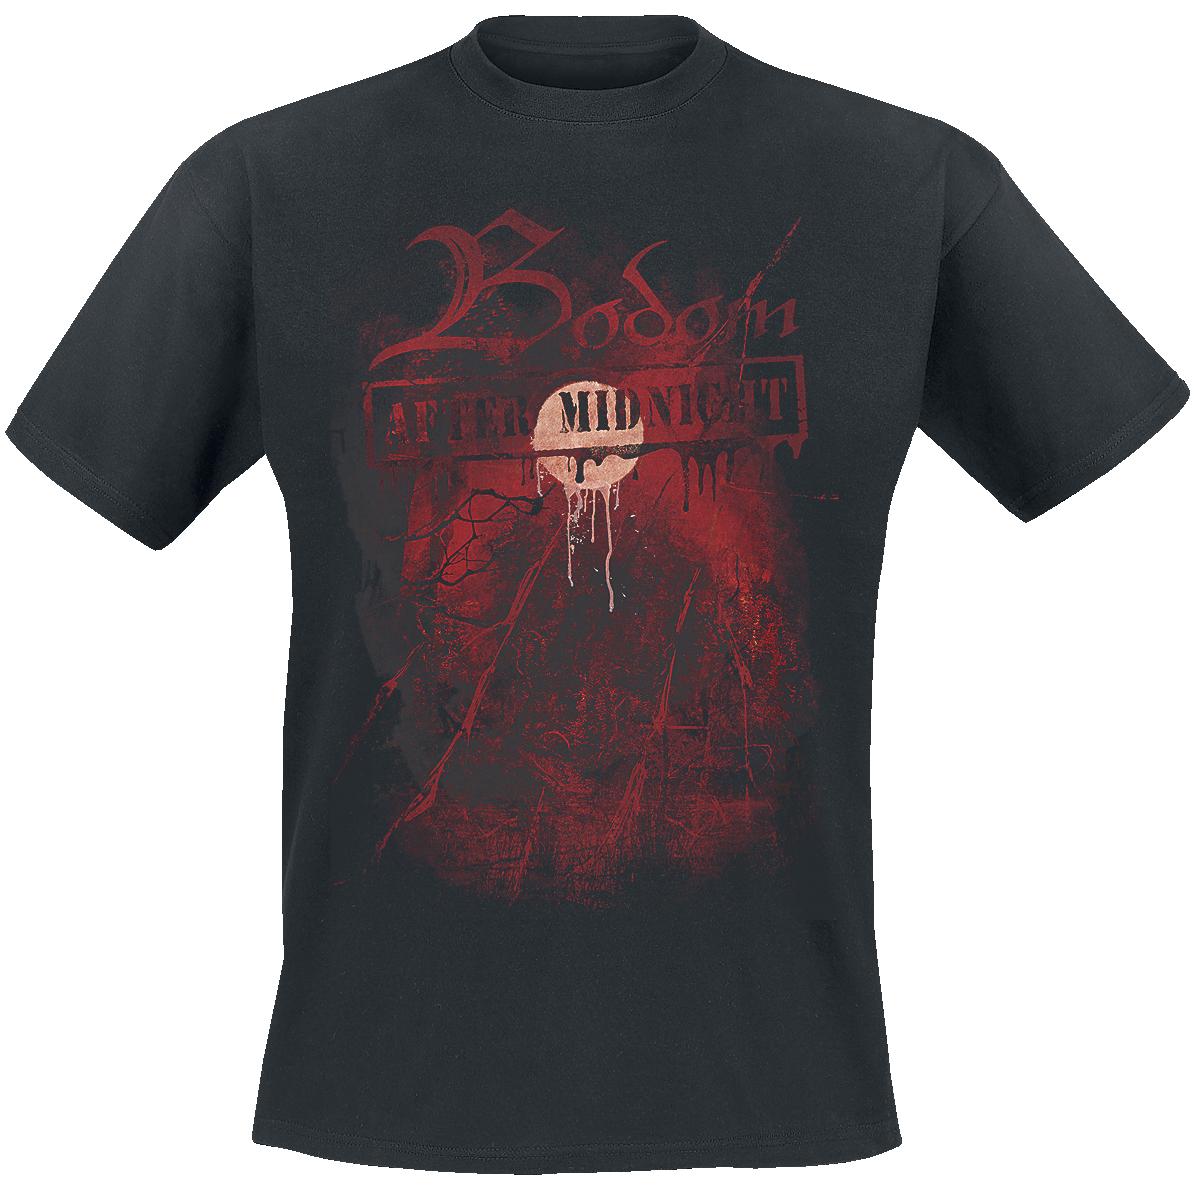 Bodom After Midnight - Bodom After Midnight - T-Shirt - schwarz